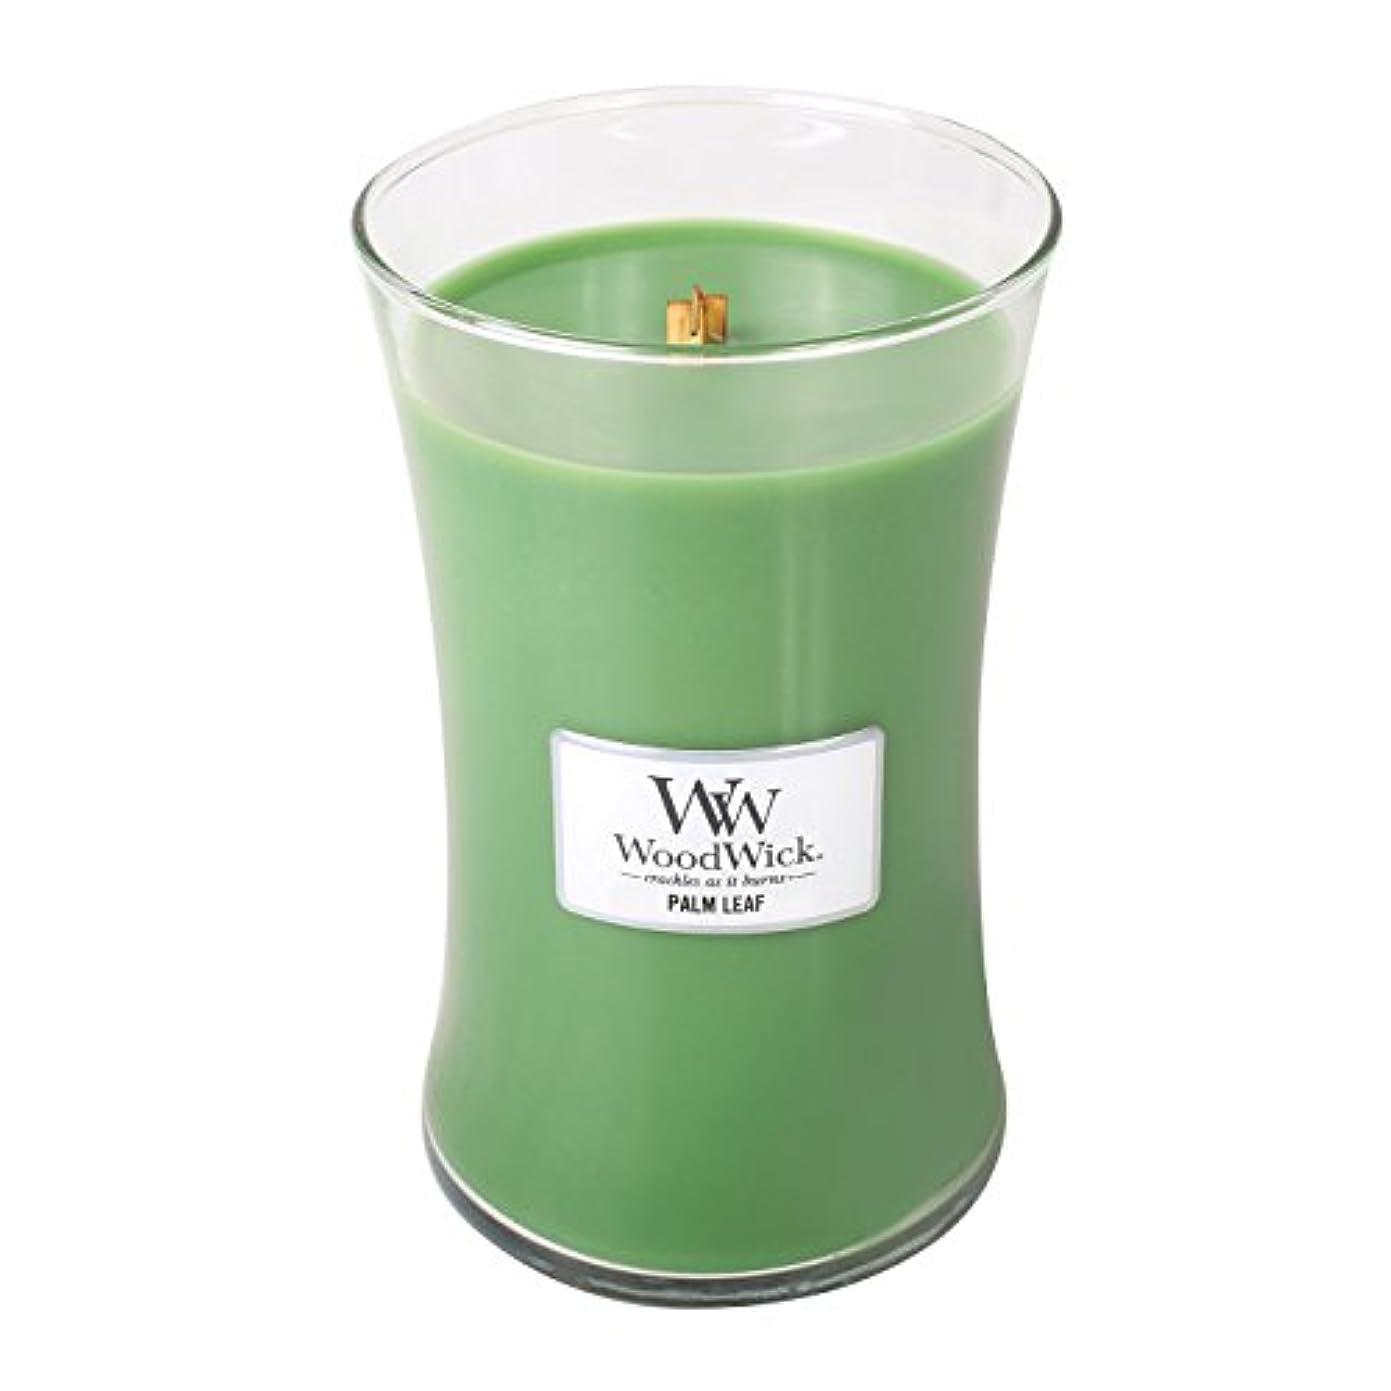 編集するクレデンシャル幽霊WoodWick PALM LEAF, Highly Scented Candle, Classic Hourglass Jar, Large 18cm, 640ml